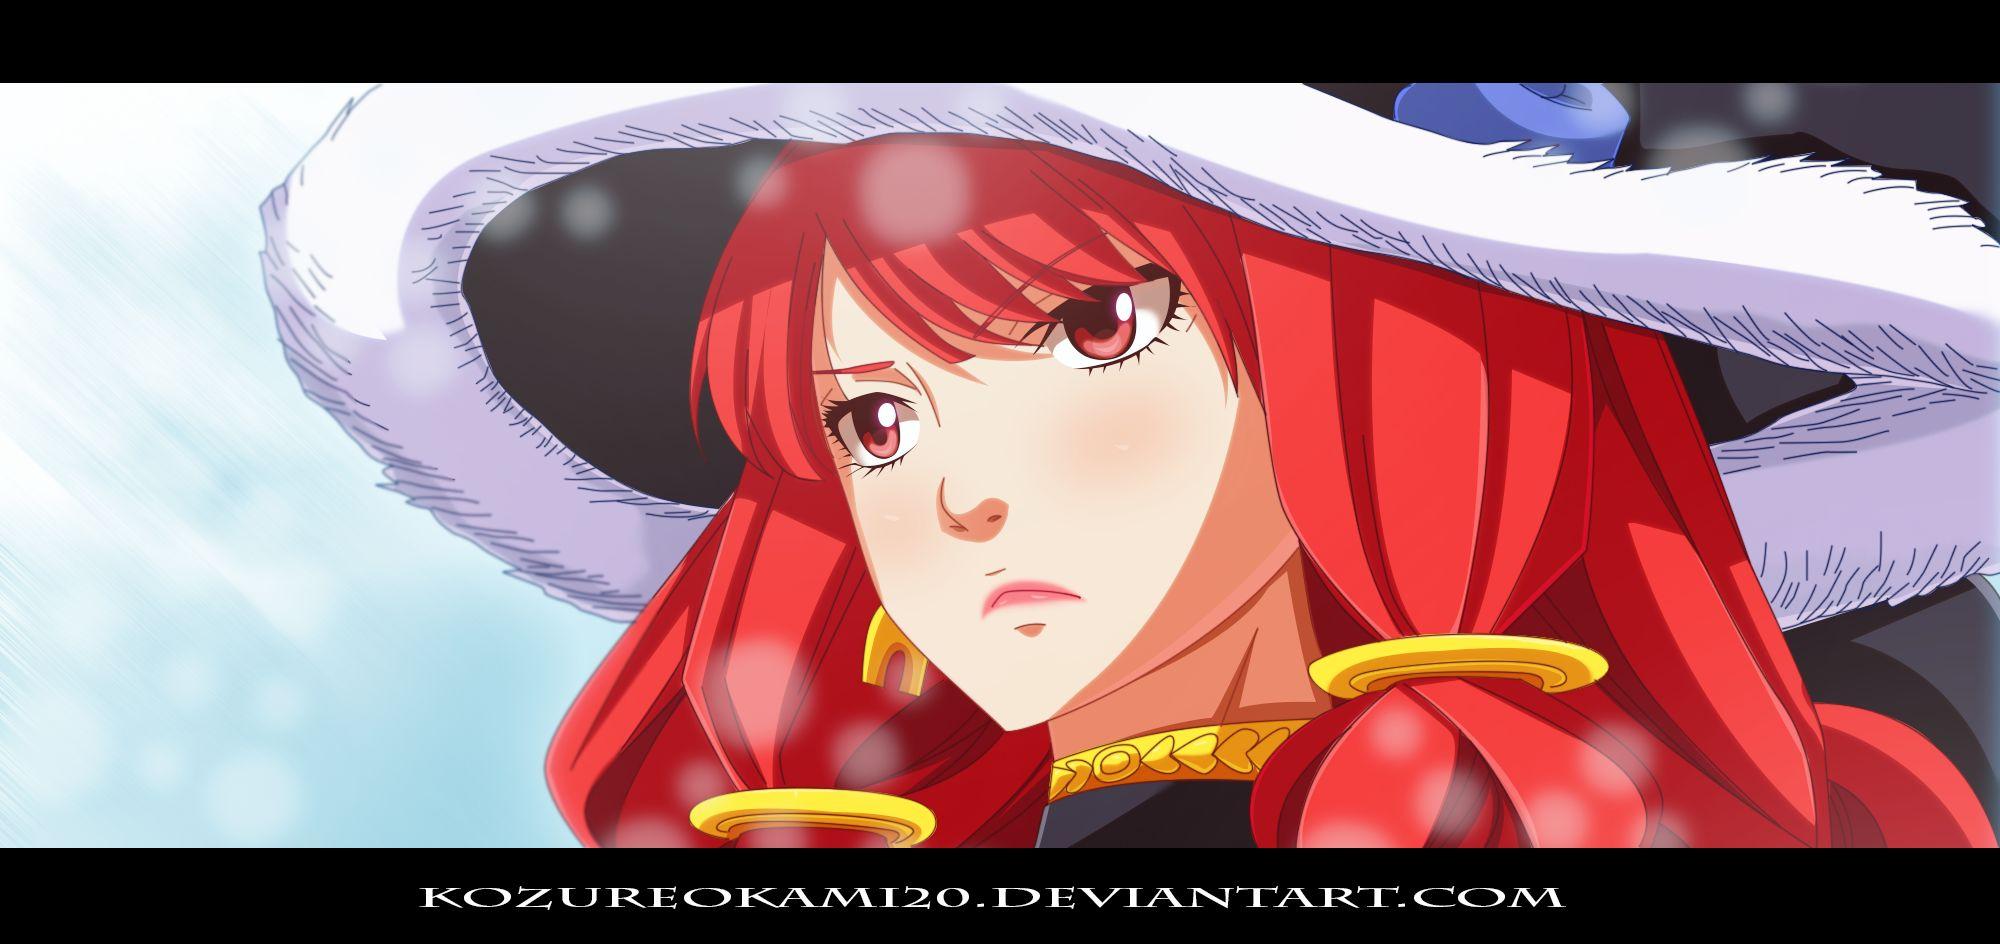 http://c5.ninemanga.com/es_manga/14/78/464106/db26e13993ded091659fb06a0700b8b4.jpg Page 2